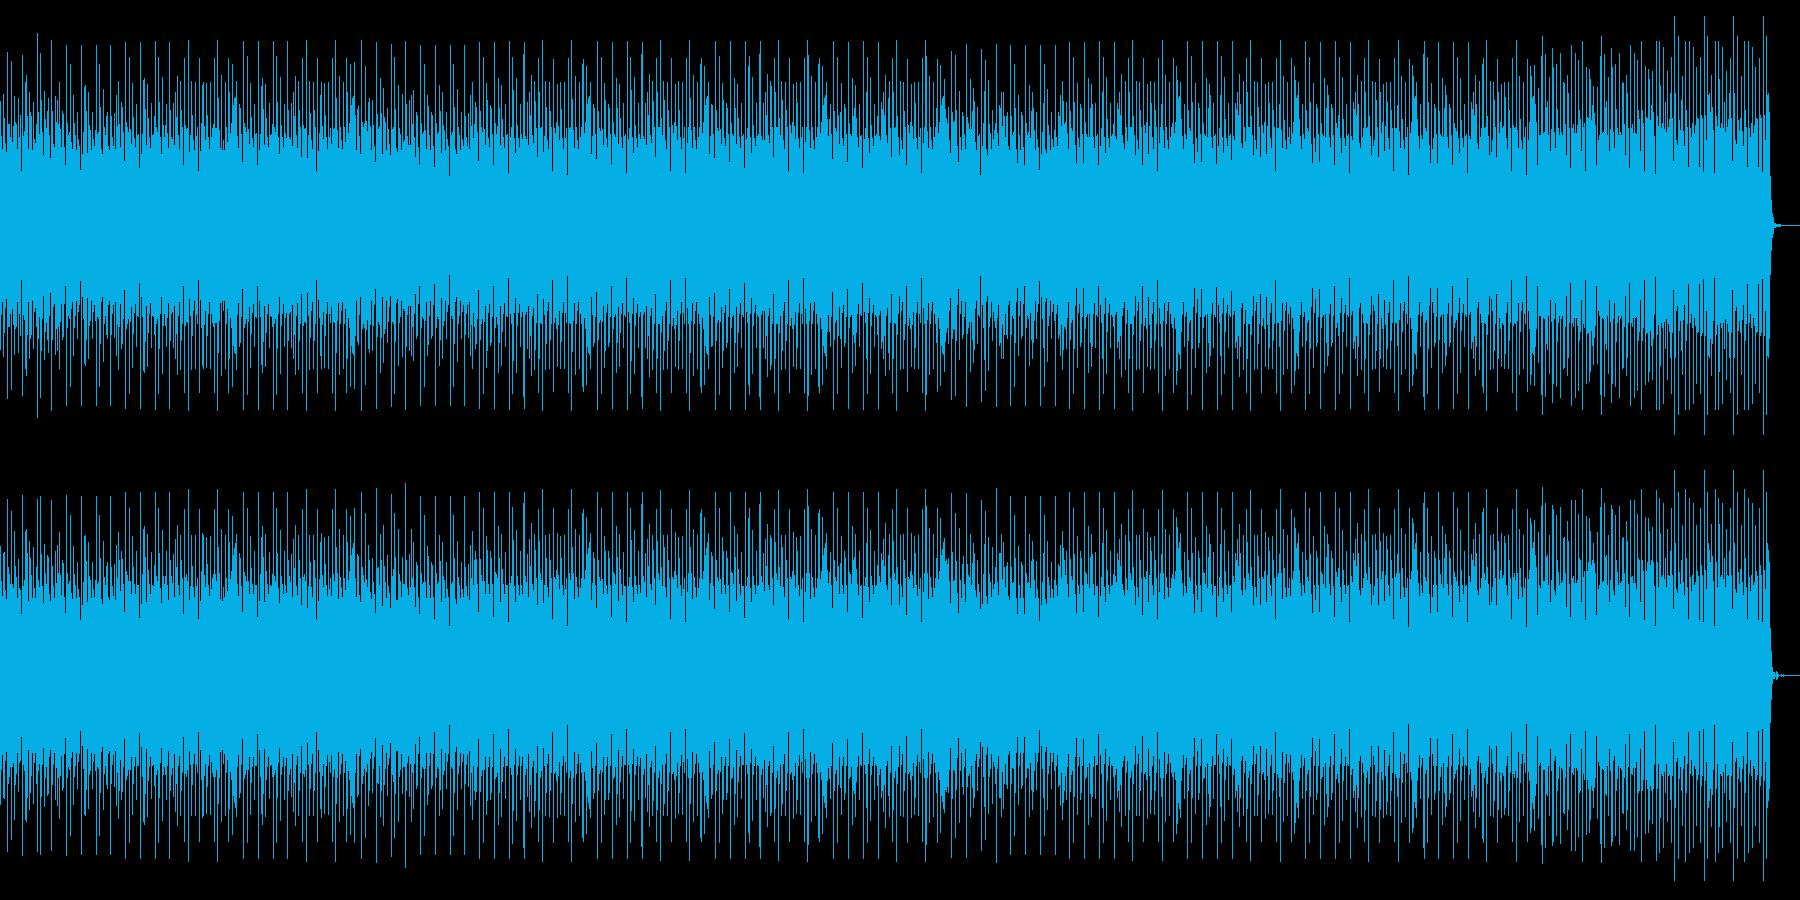 ラテン系の再生済みの波形